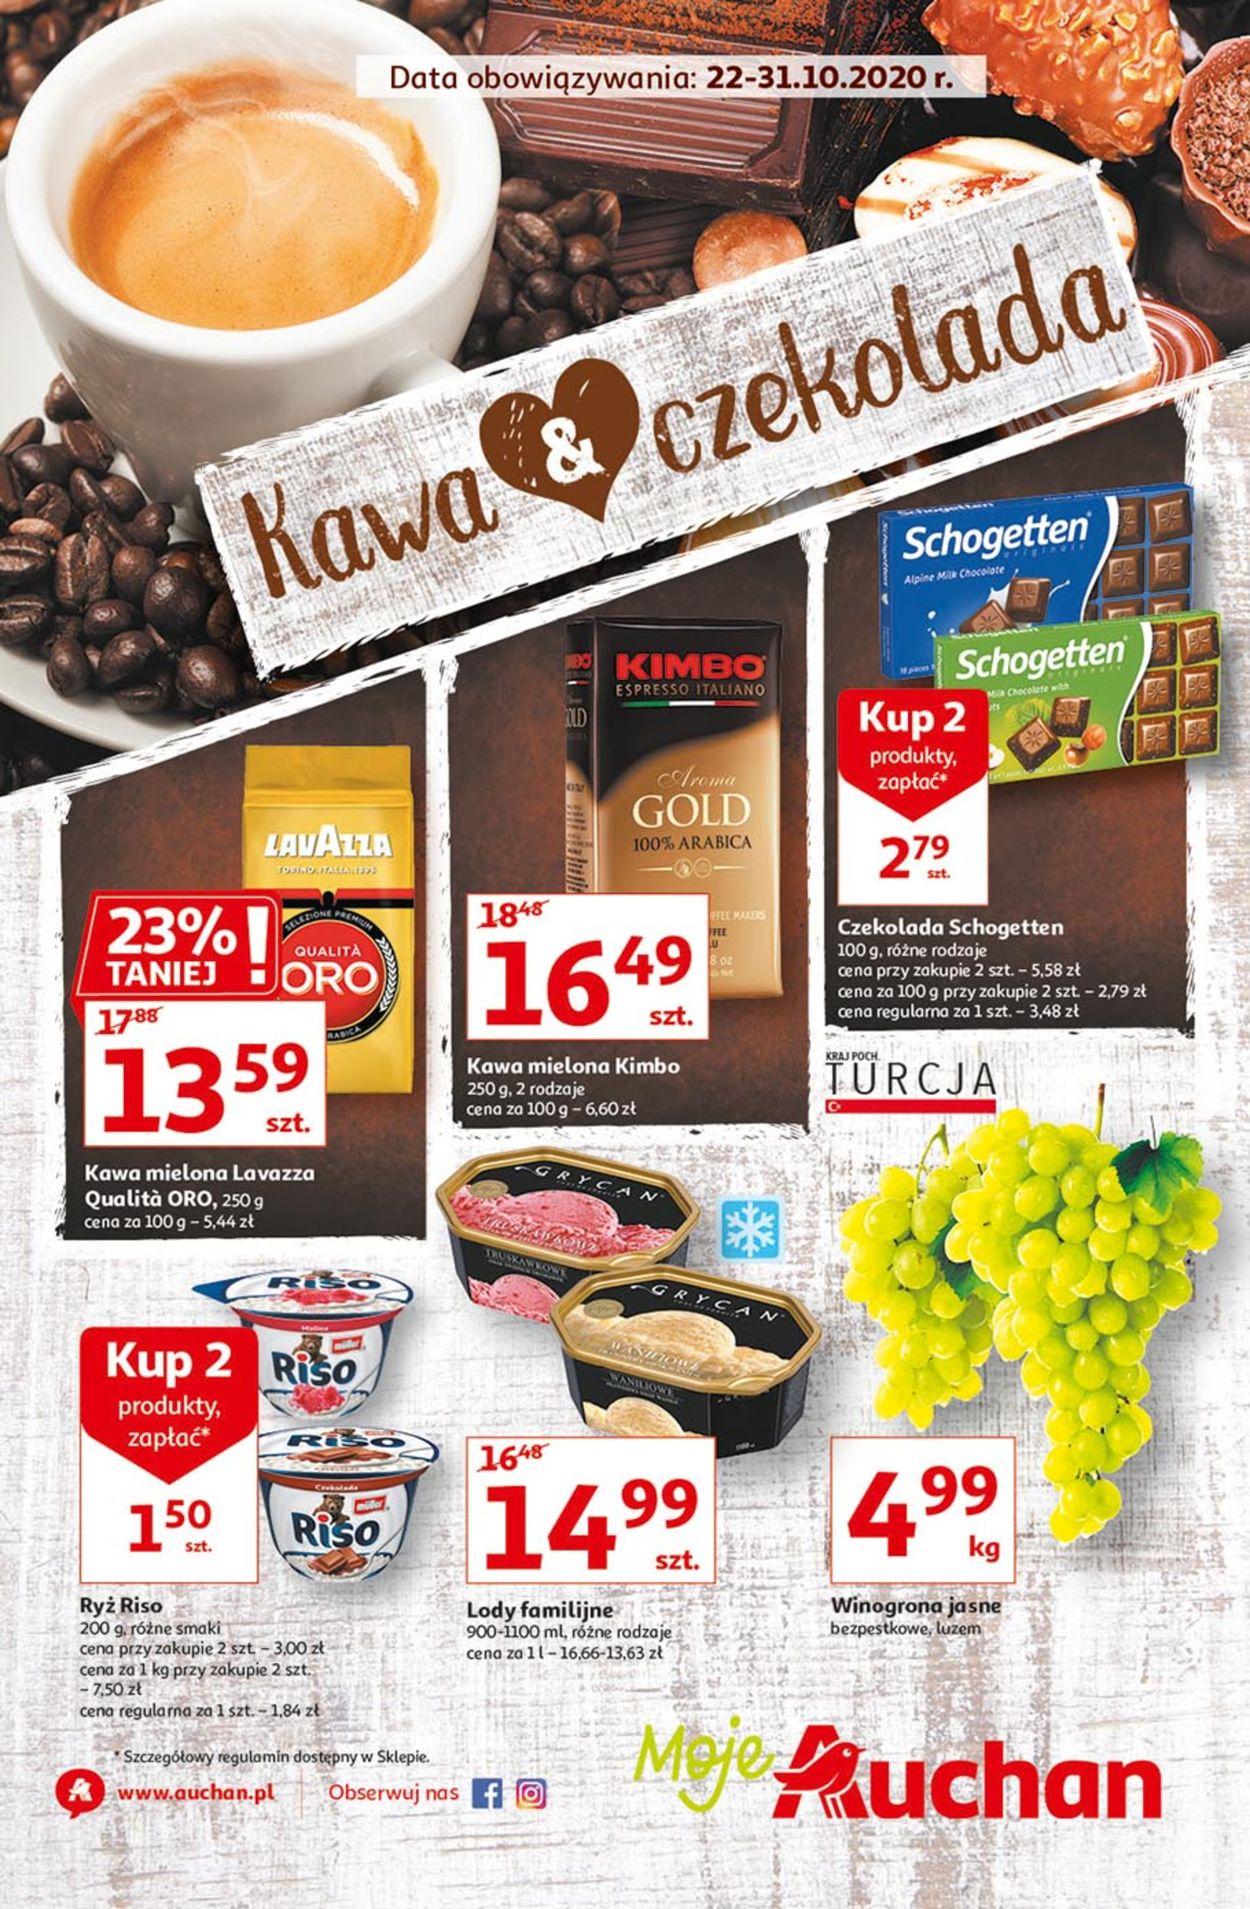 Gazetka promocyjna Auchan - 22.10-31.10.2020